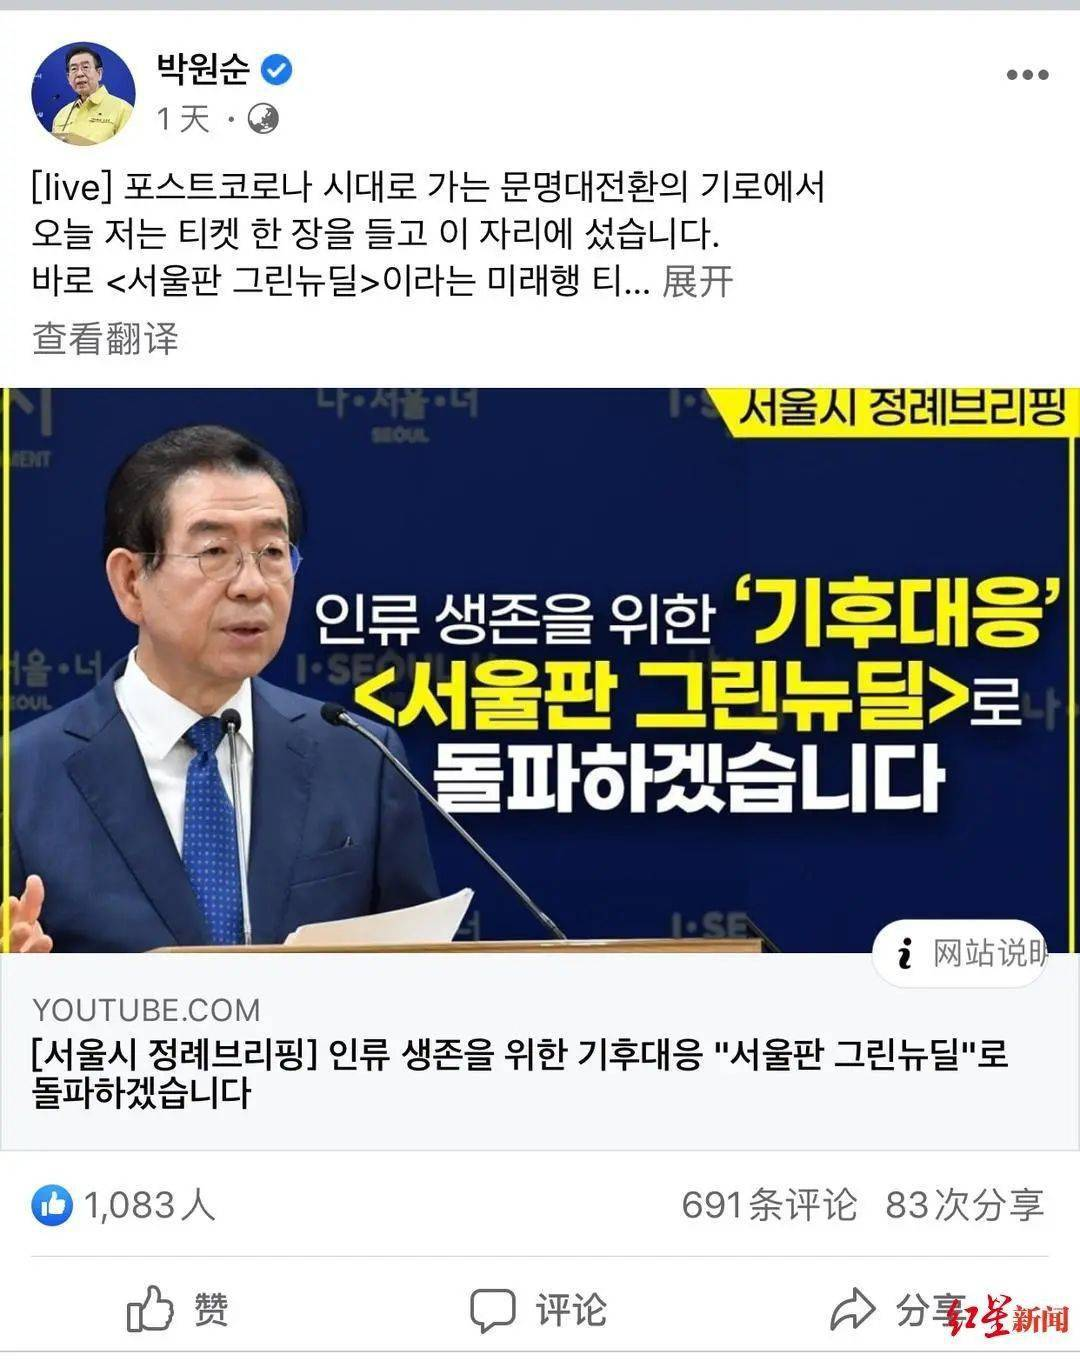 首尔市长遗体被发现,生前最后监控曝光